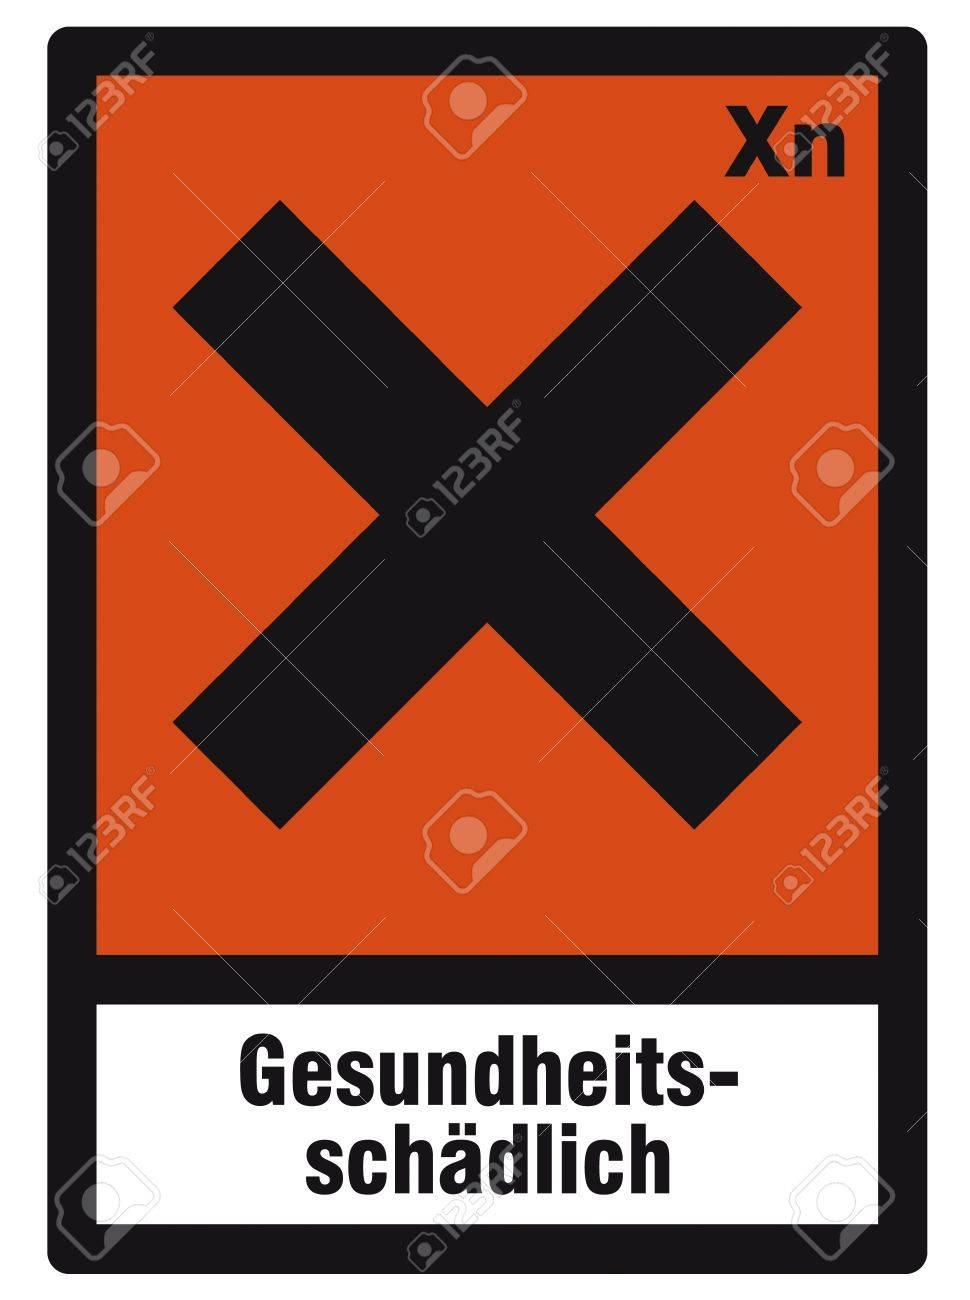 Santé et sécurité autocollant danger toxique nuisible autocollant orange